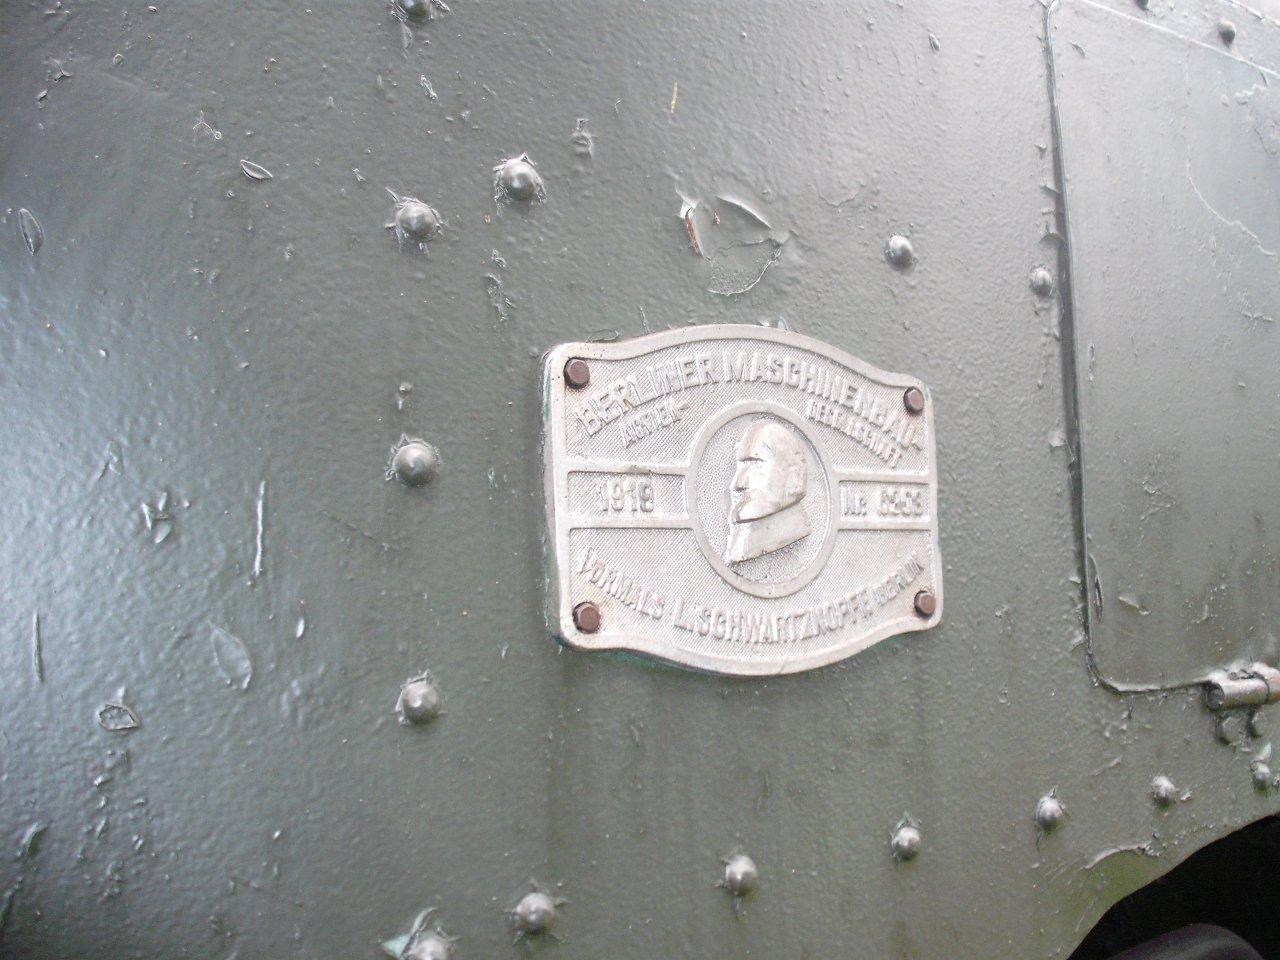 DSCF1348.JPG